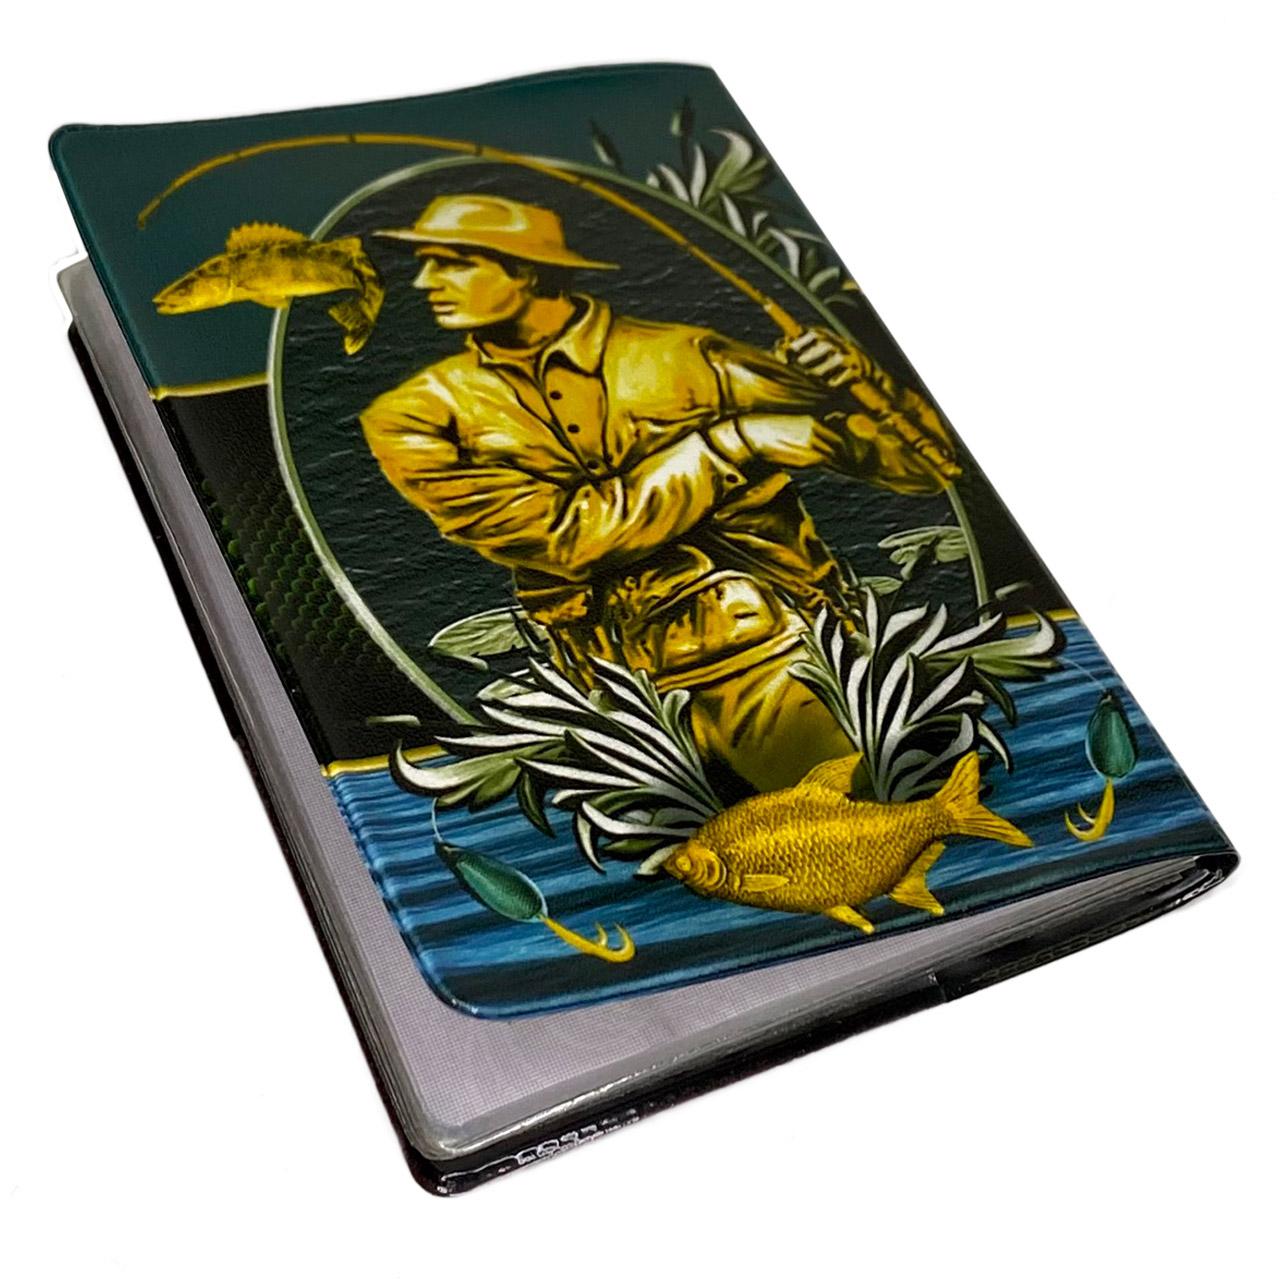 Обложка на паспорт Лучший рыбак | Прикольные обложки на паспорт